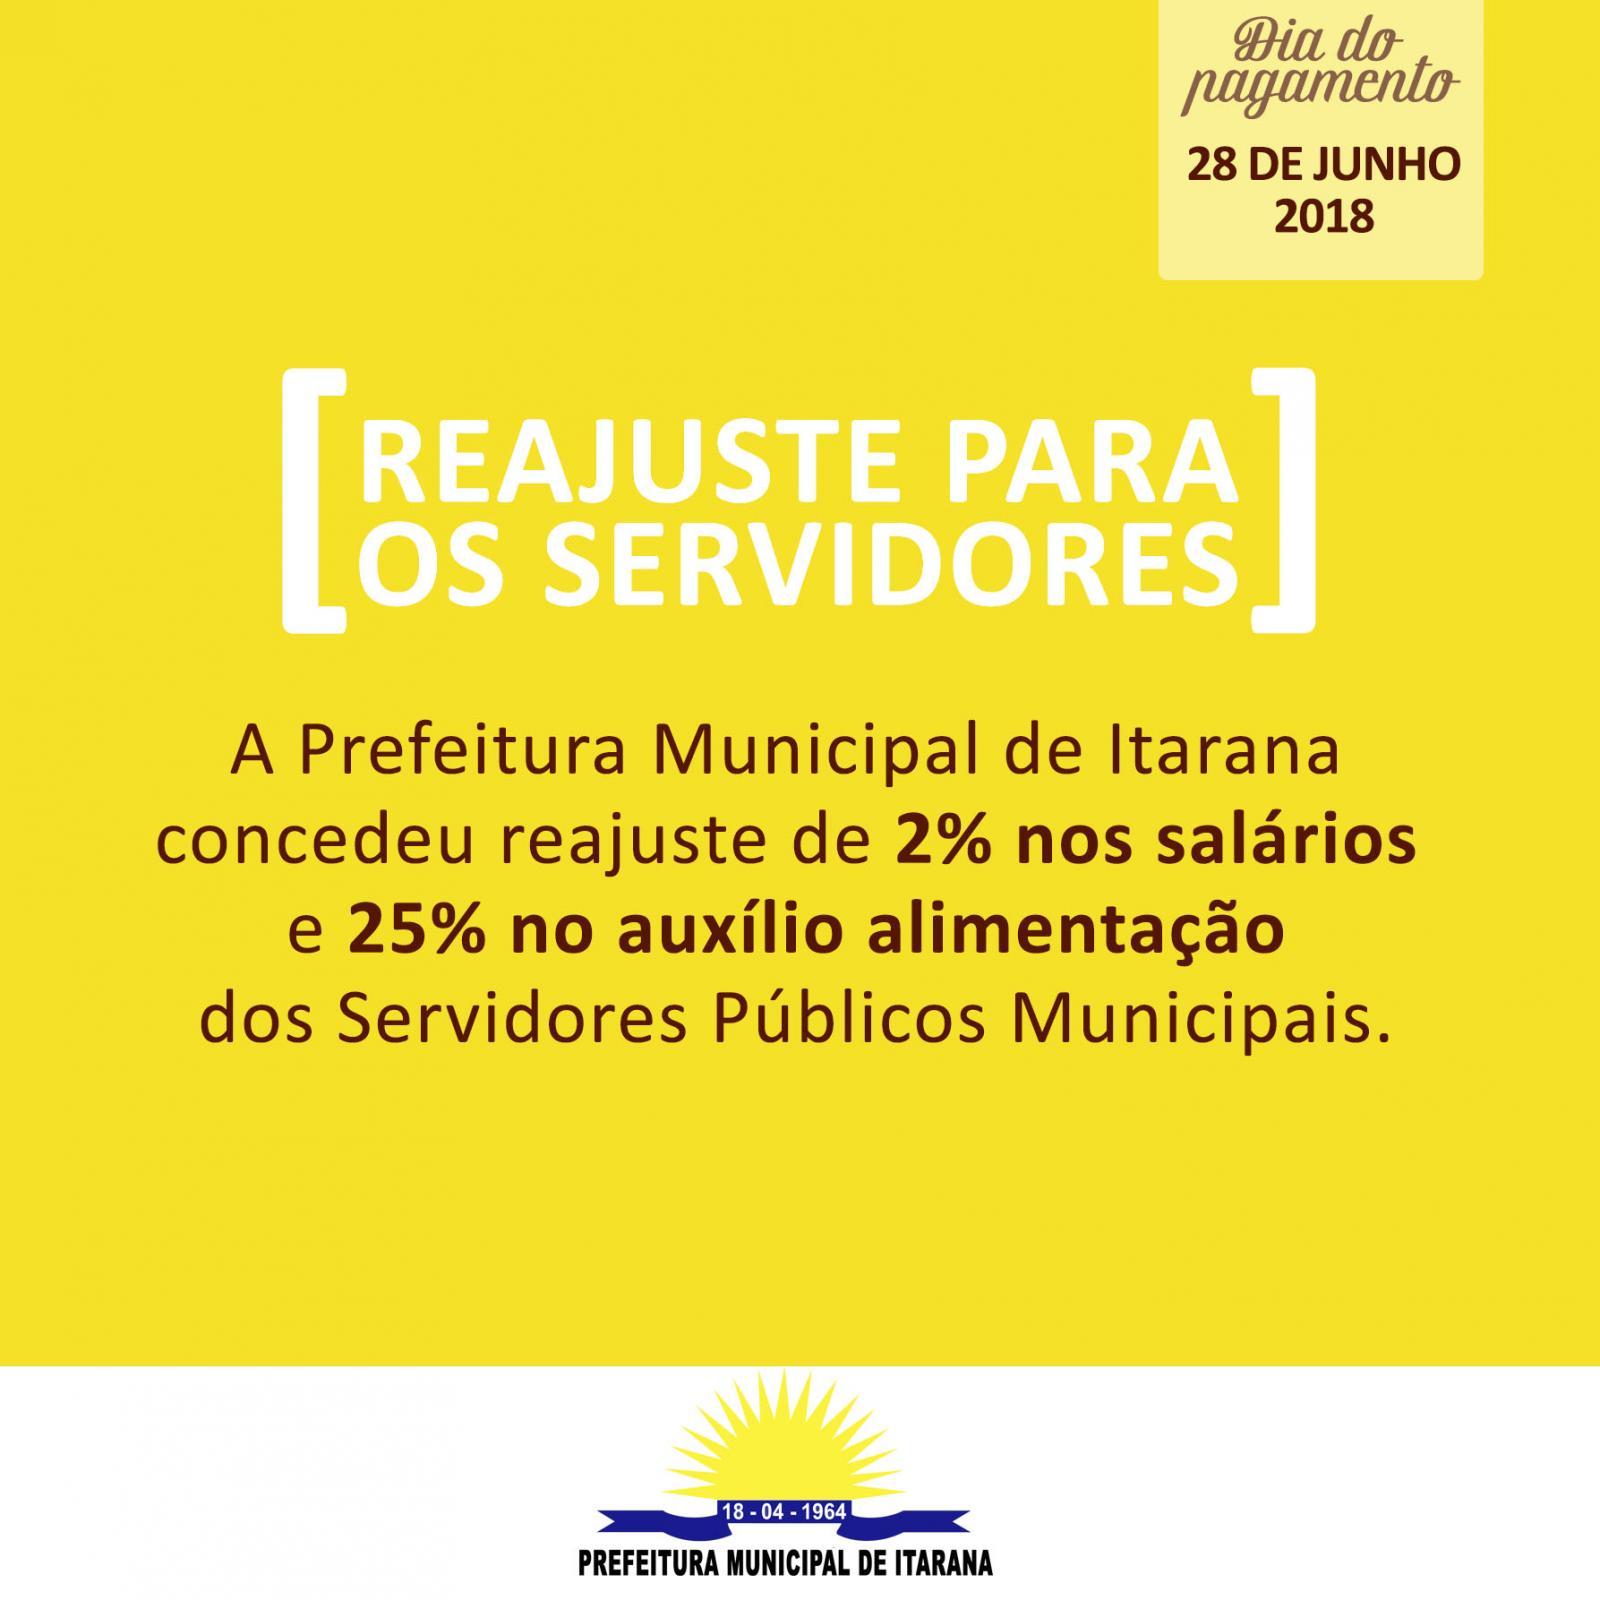 Prefeitura concede reajuste de 2% no salário e 25 % no auxílio alimentação dos servidores municipais